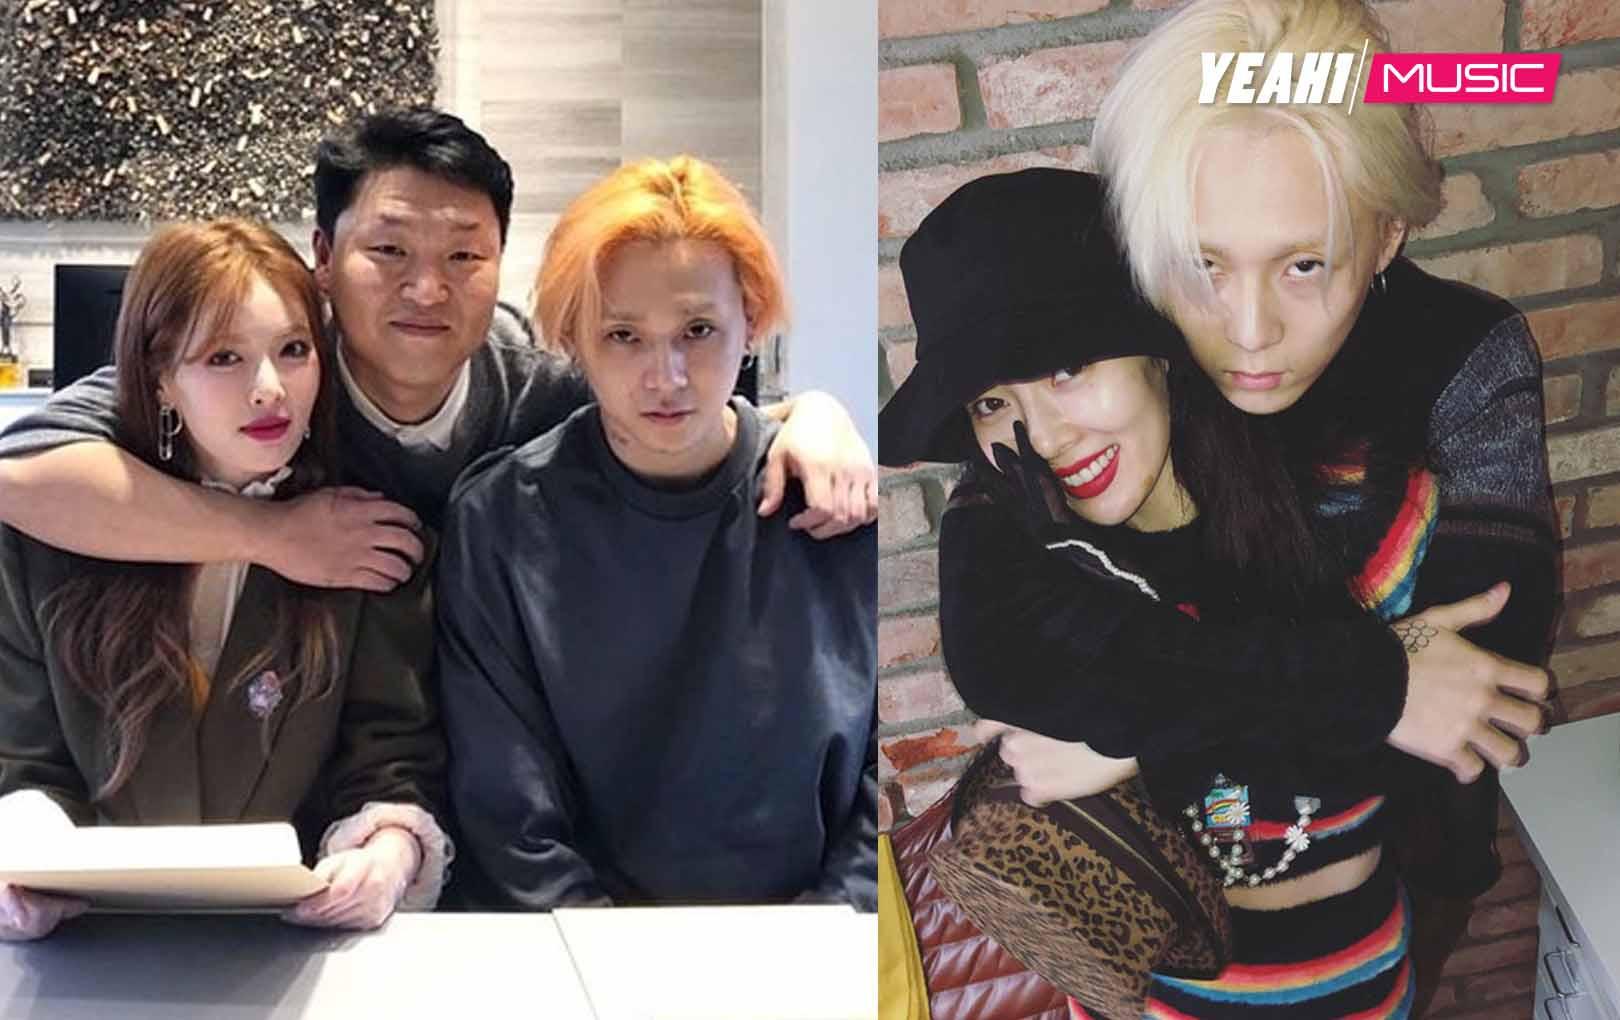 Chưa đầy 24 tiếng sau khi về chung nhà với PSY, thời hoàng kim của nữ hoàng solo HyunA đã trở lại!